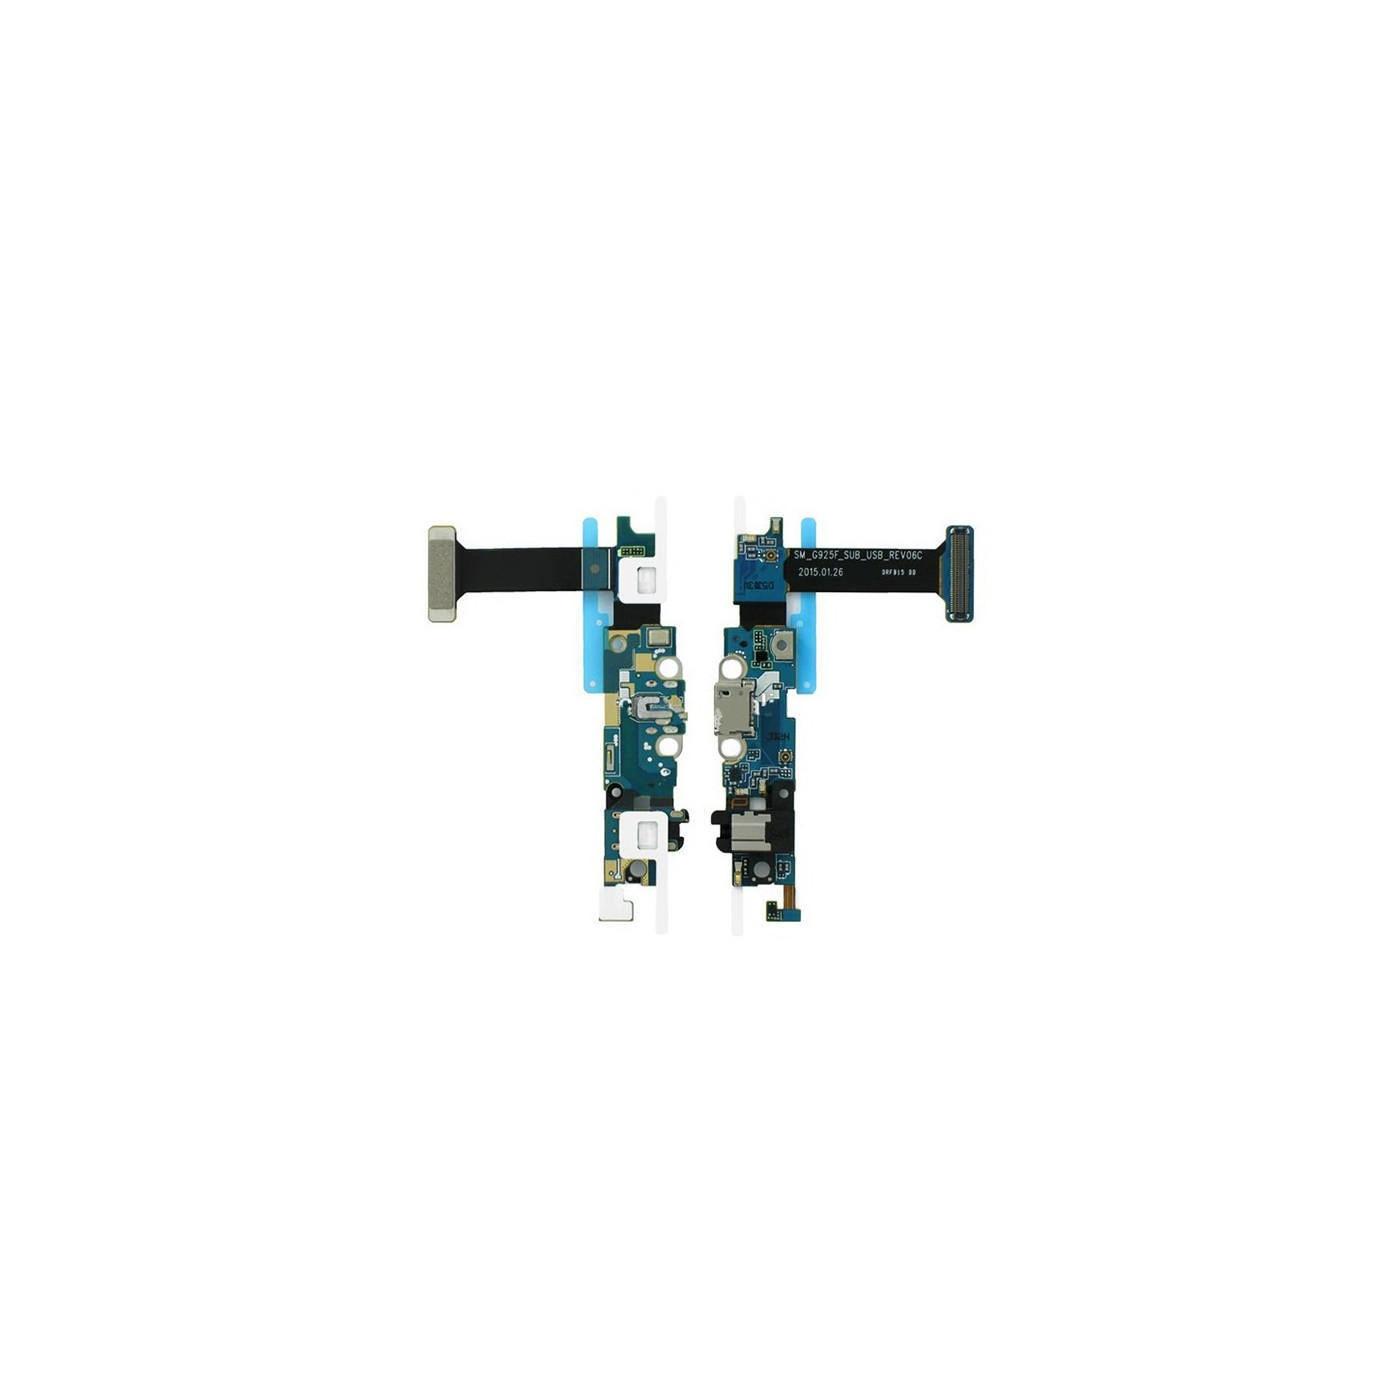 Connecteur de charge plat flexible pour station d'accueil USB Samsung Galaxy S6 Edge G925F